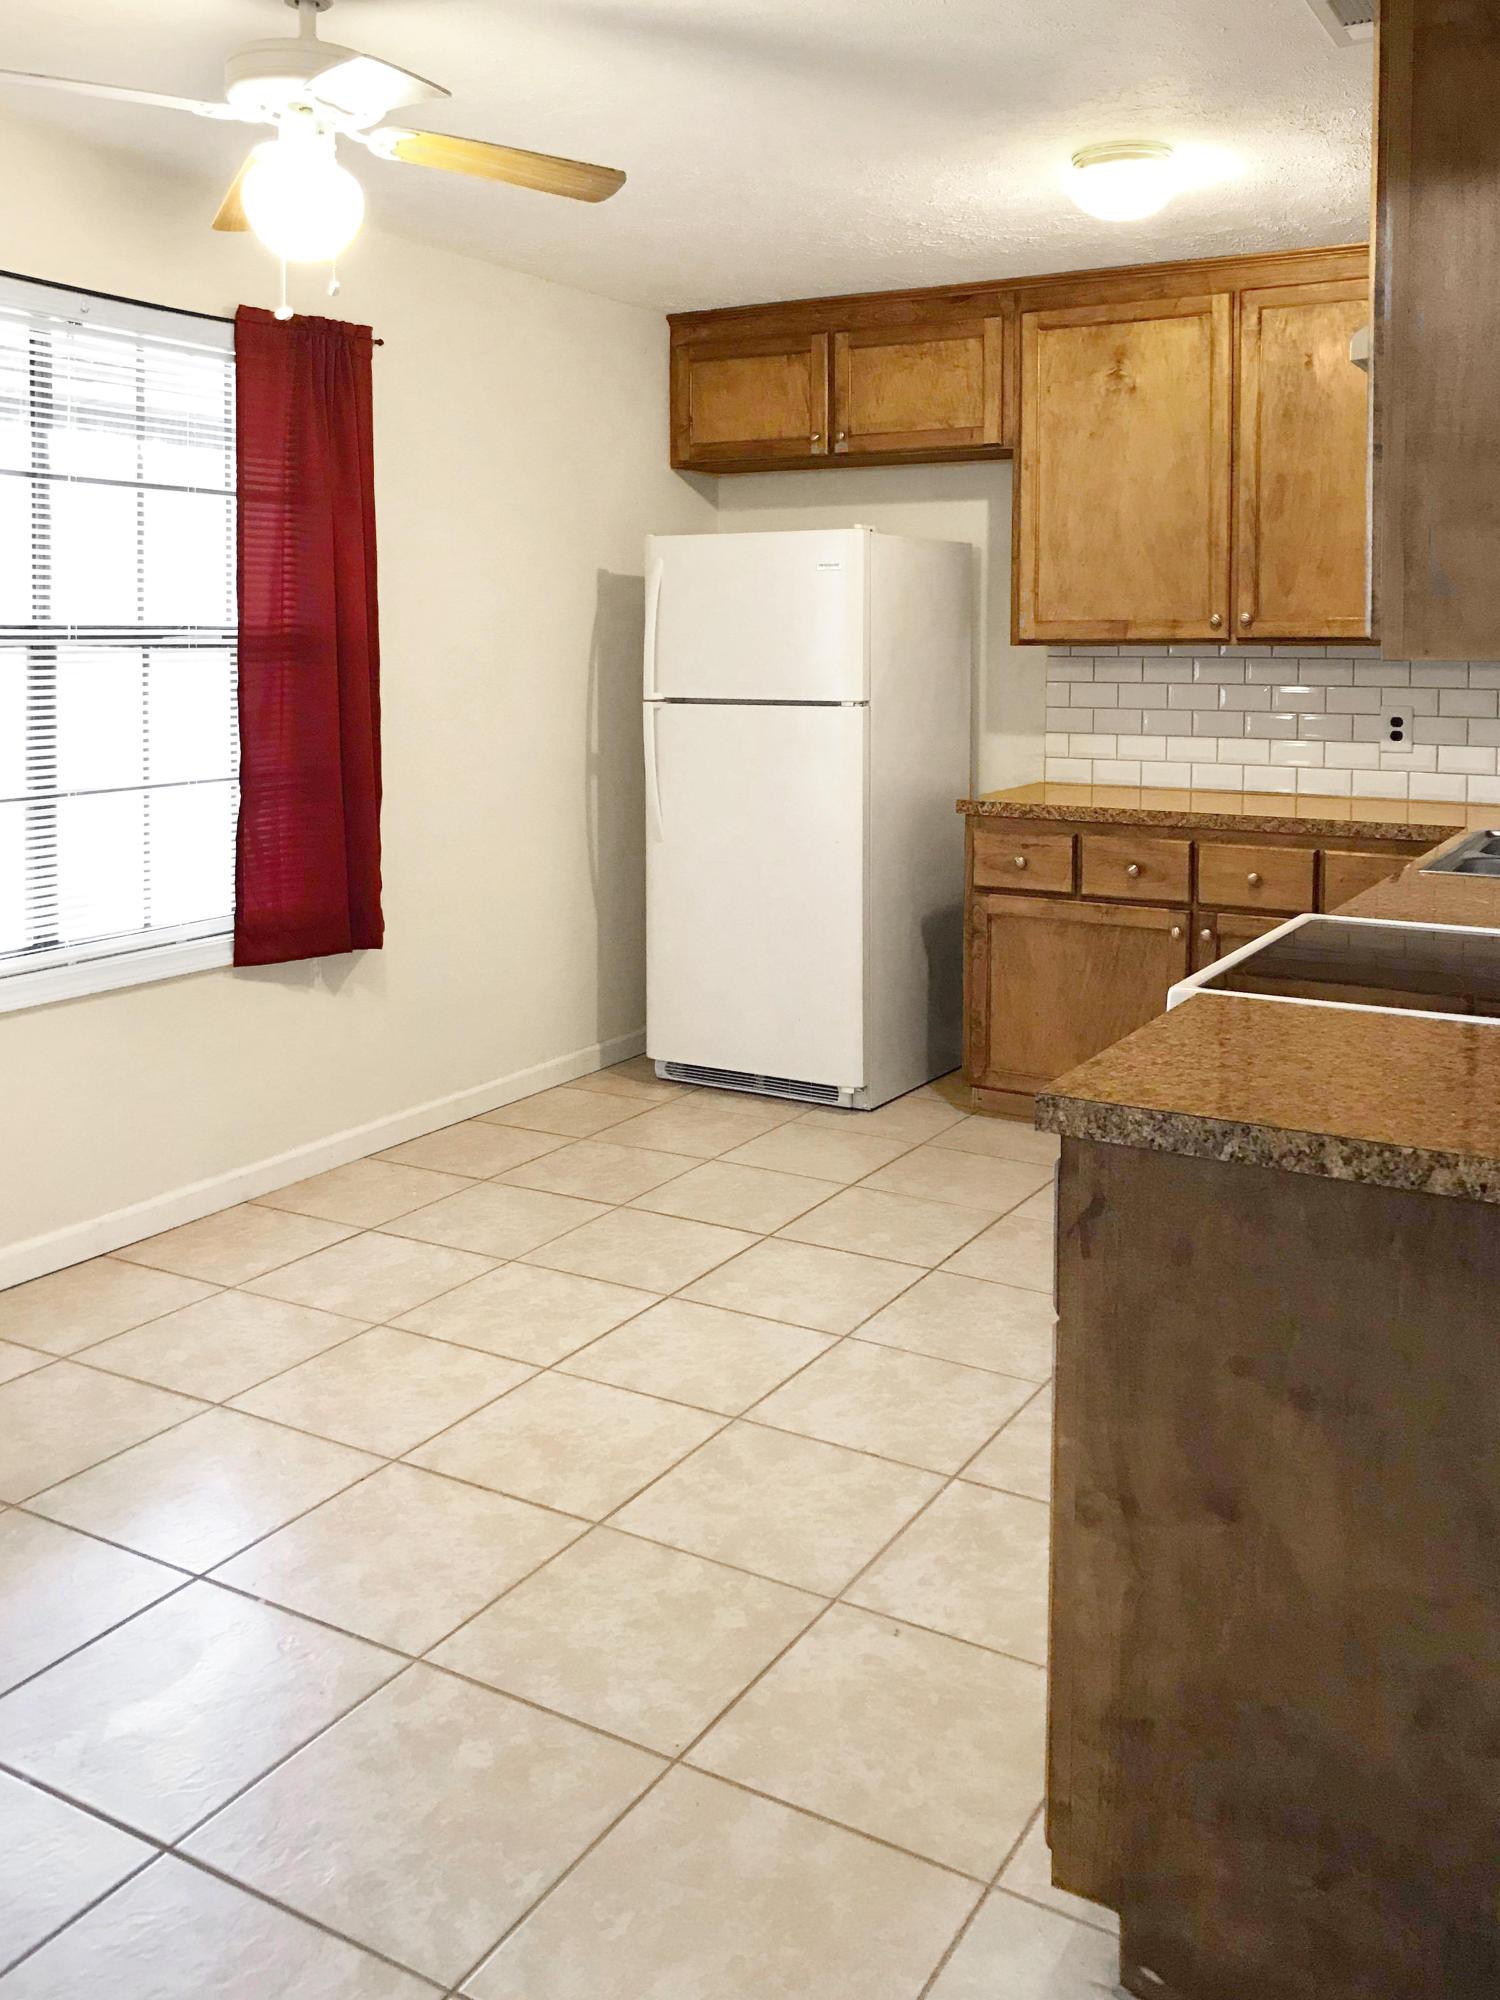 New Llano home for sale, 493 Nila Sue Dr, New Llano LA - $115,000